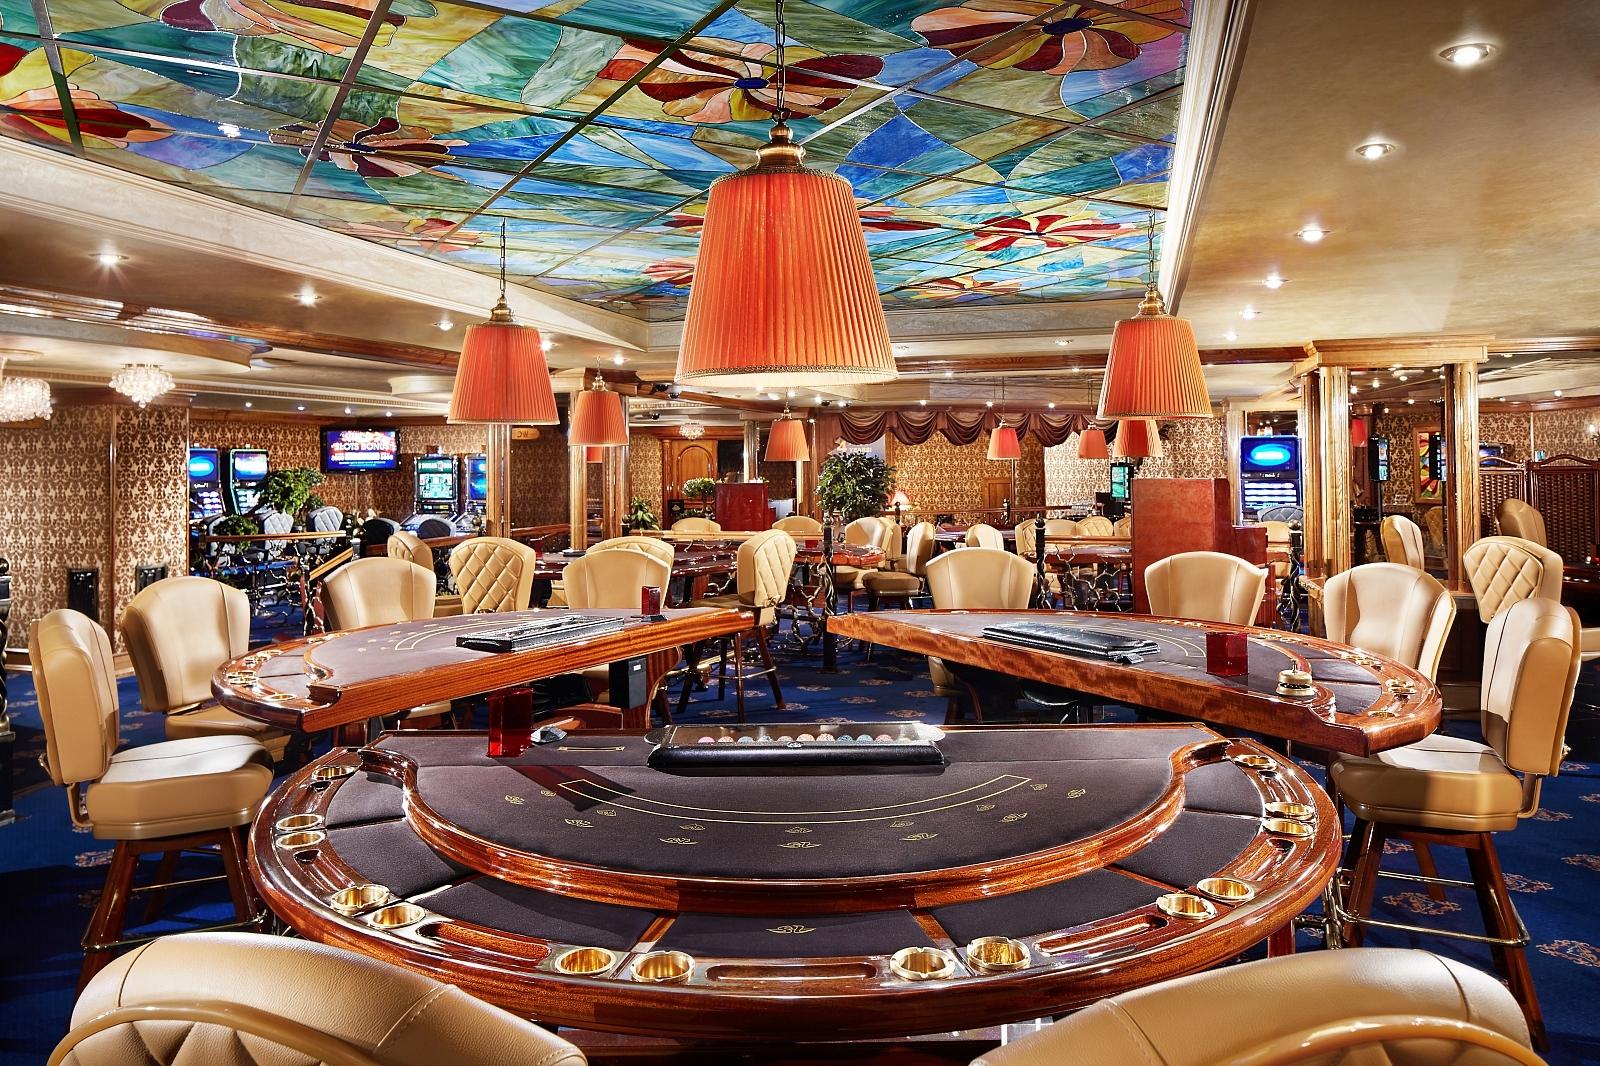 официальный сайт какое казино было на пушкинской